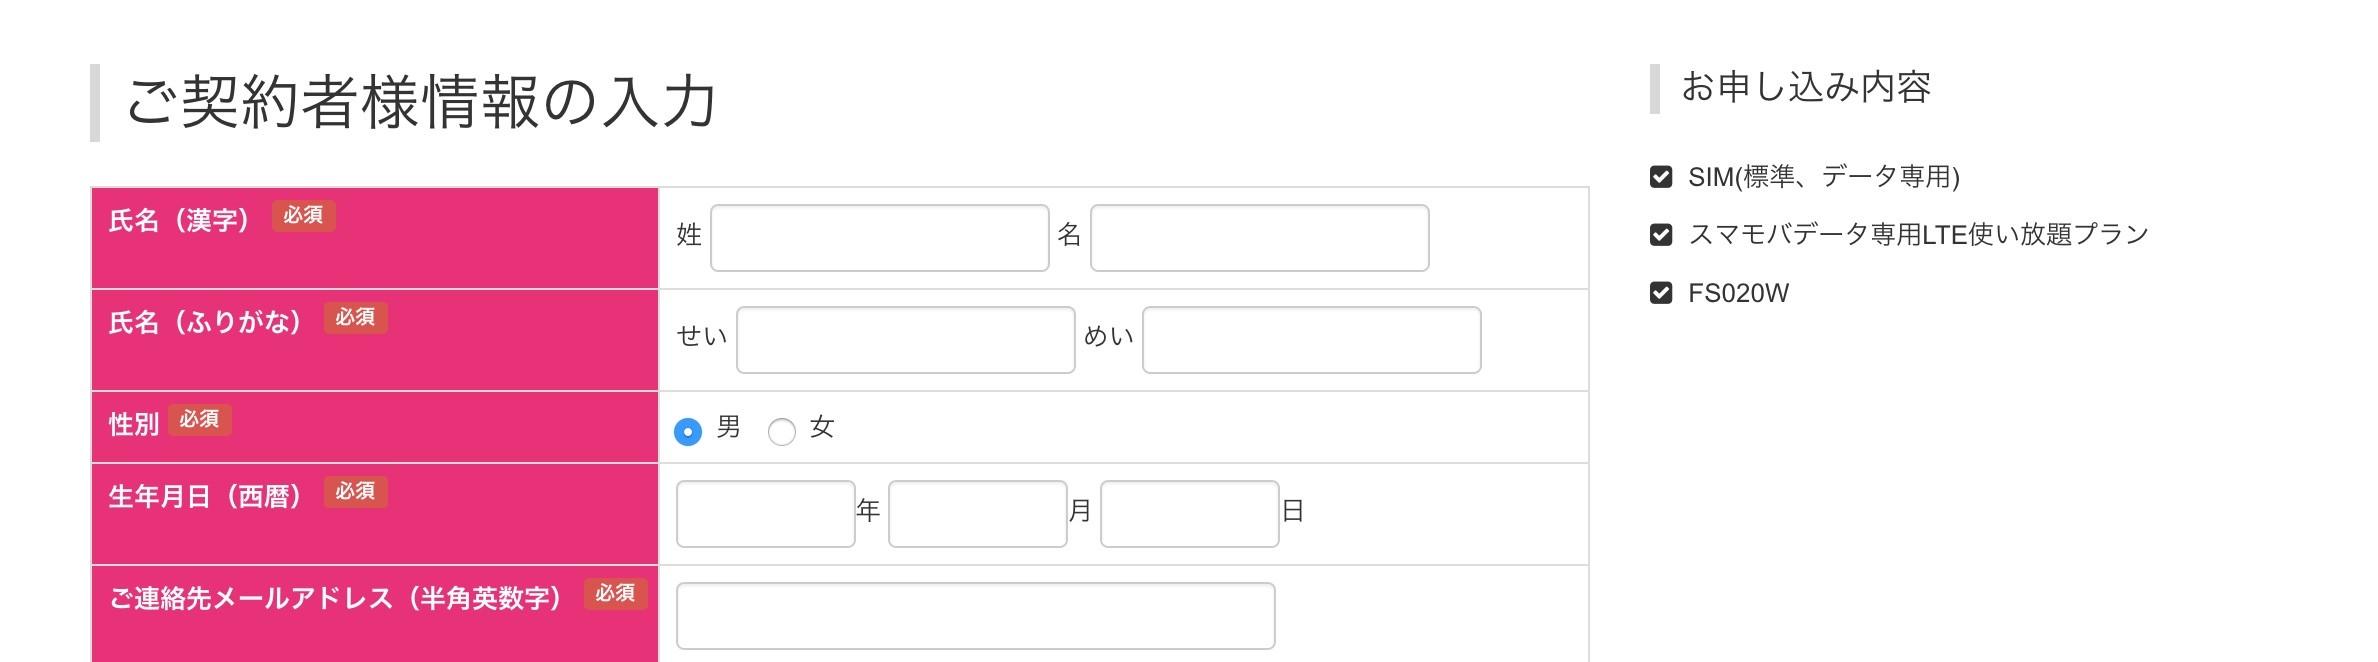 スマモバの申し込み画面9